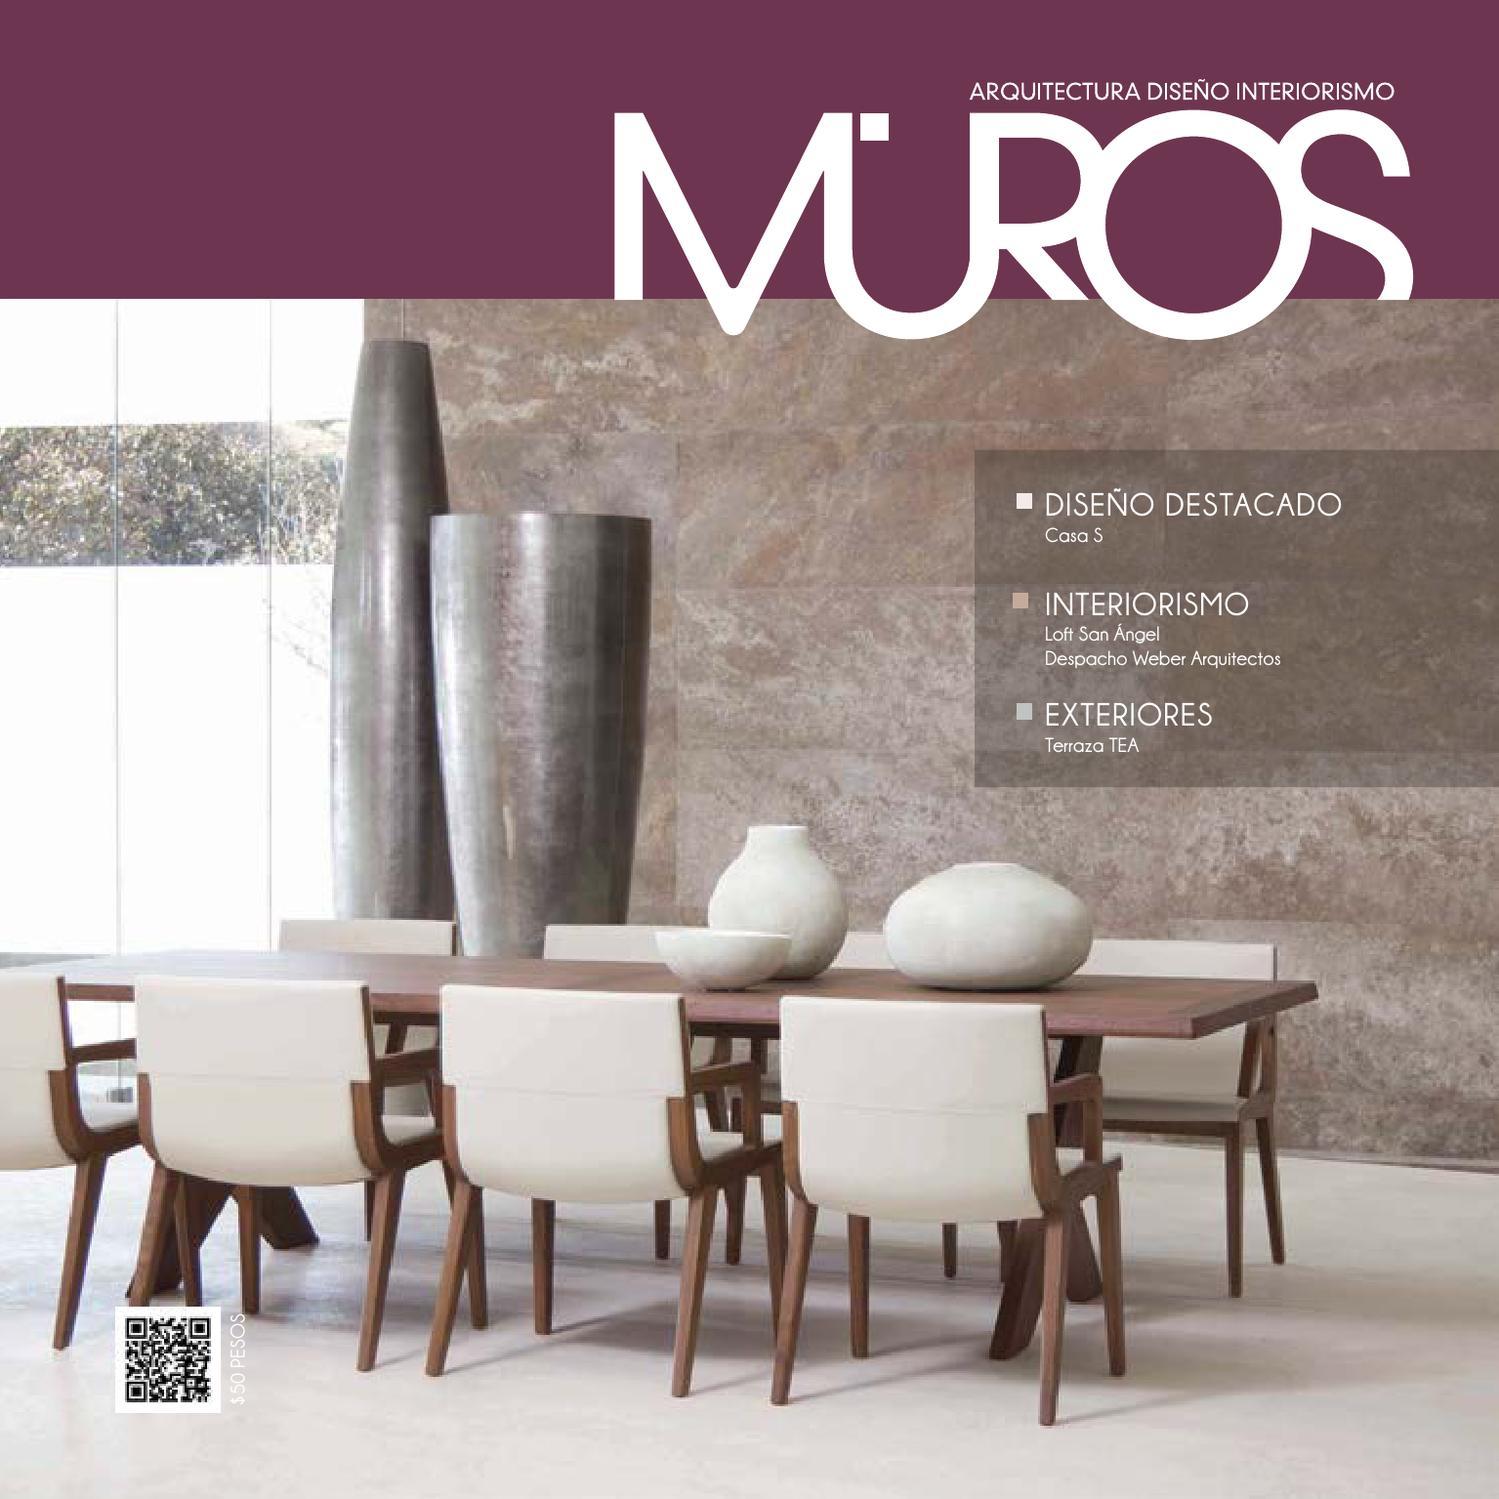 Edici n 4 revista muros arquitectura dise o interiorismo for Terminaciones de techos interiores